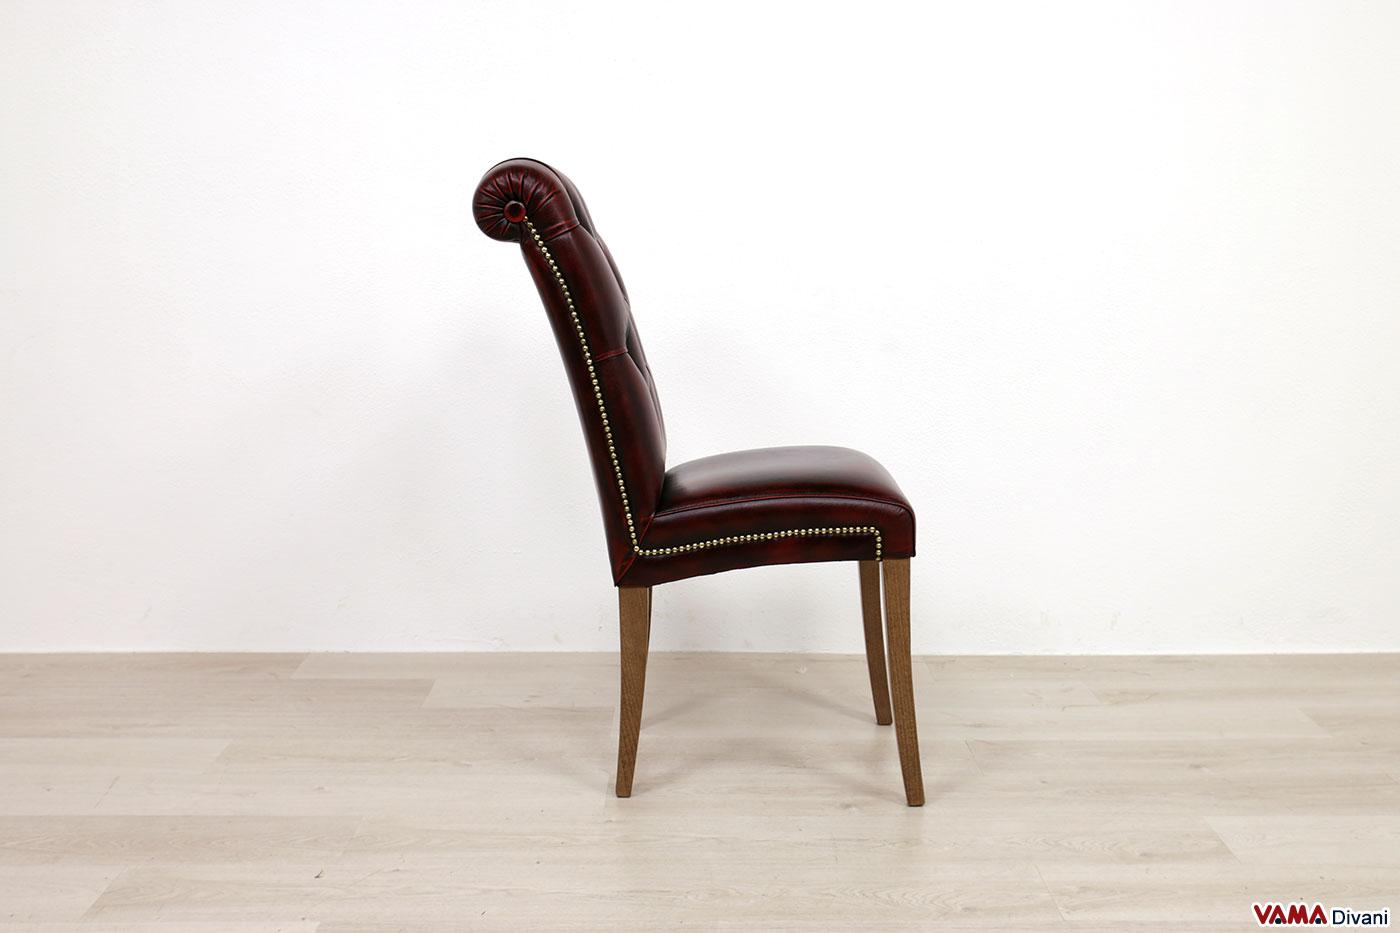 Sedia imbottita con gambe alte e finiture in ottone invecchiato